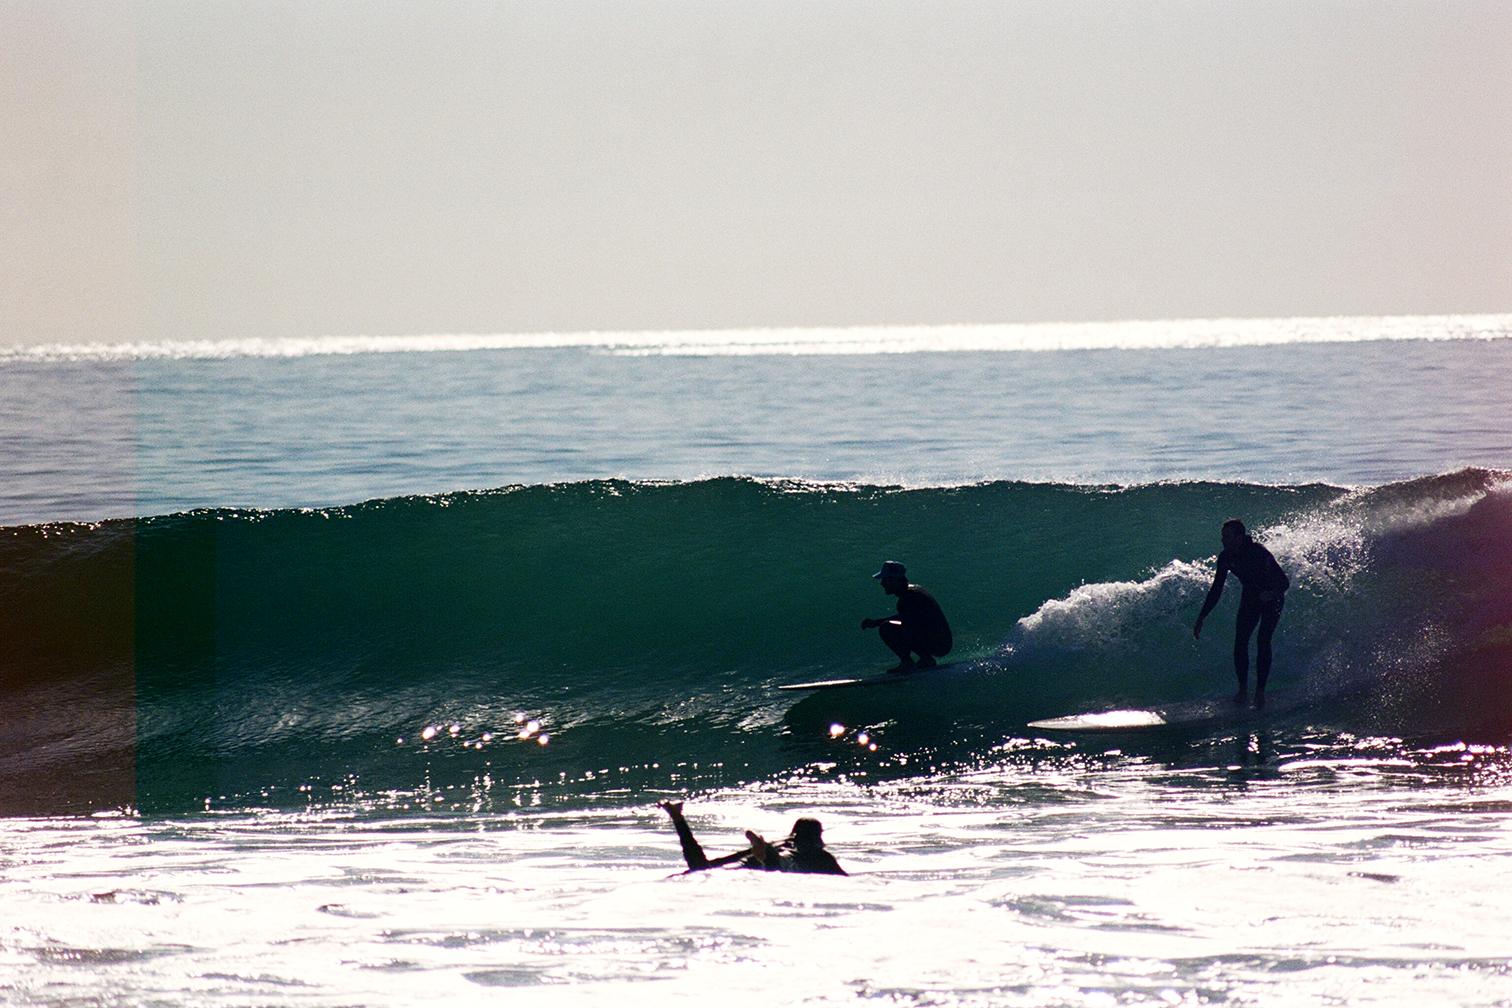 First point surfer_0009.jpg